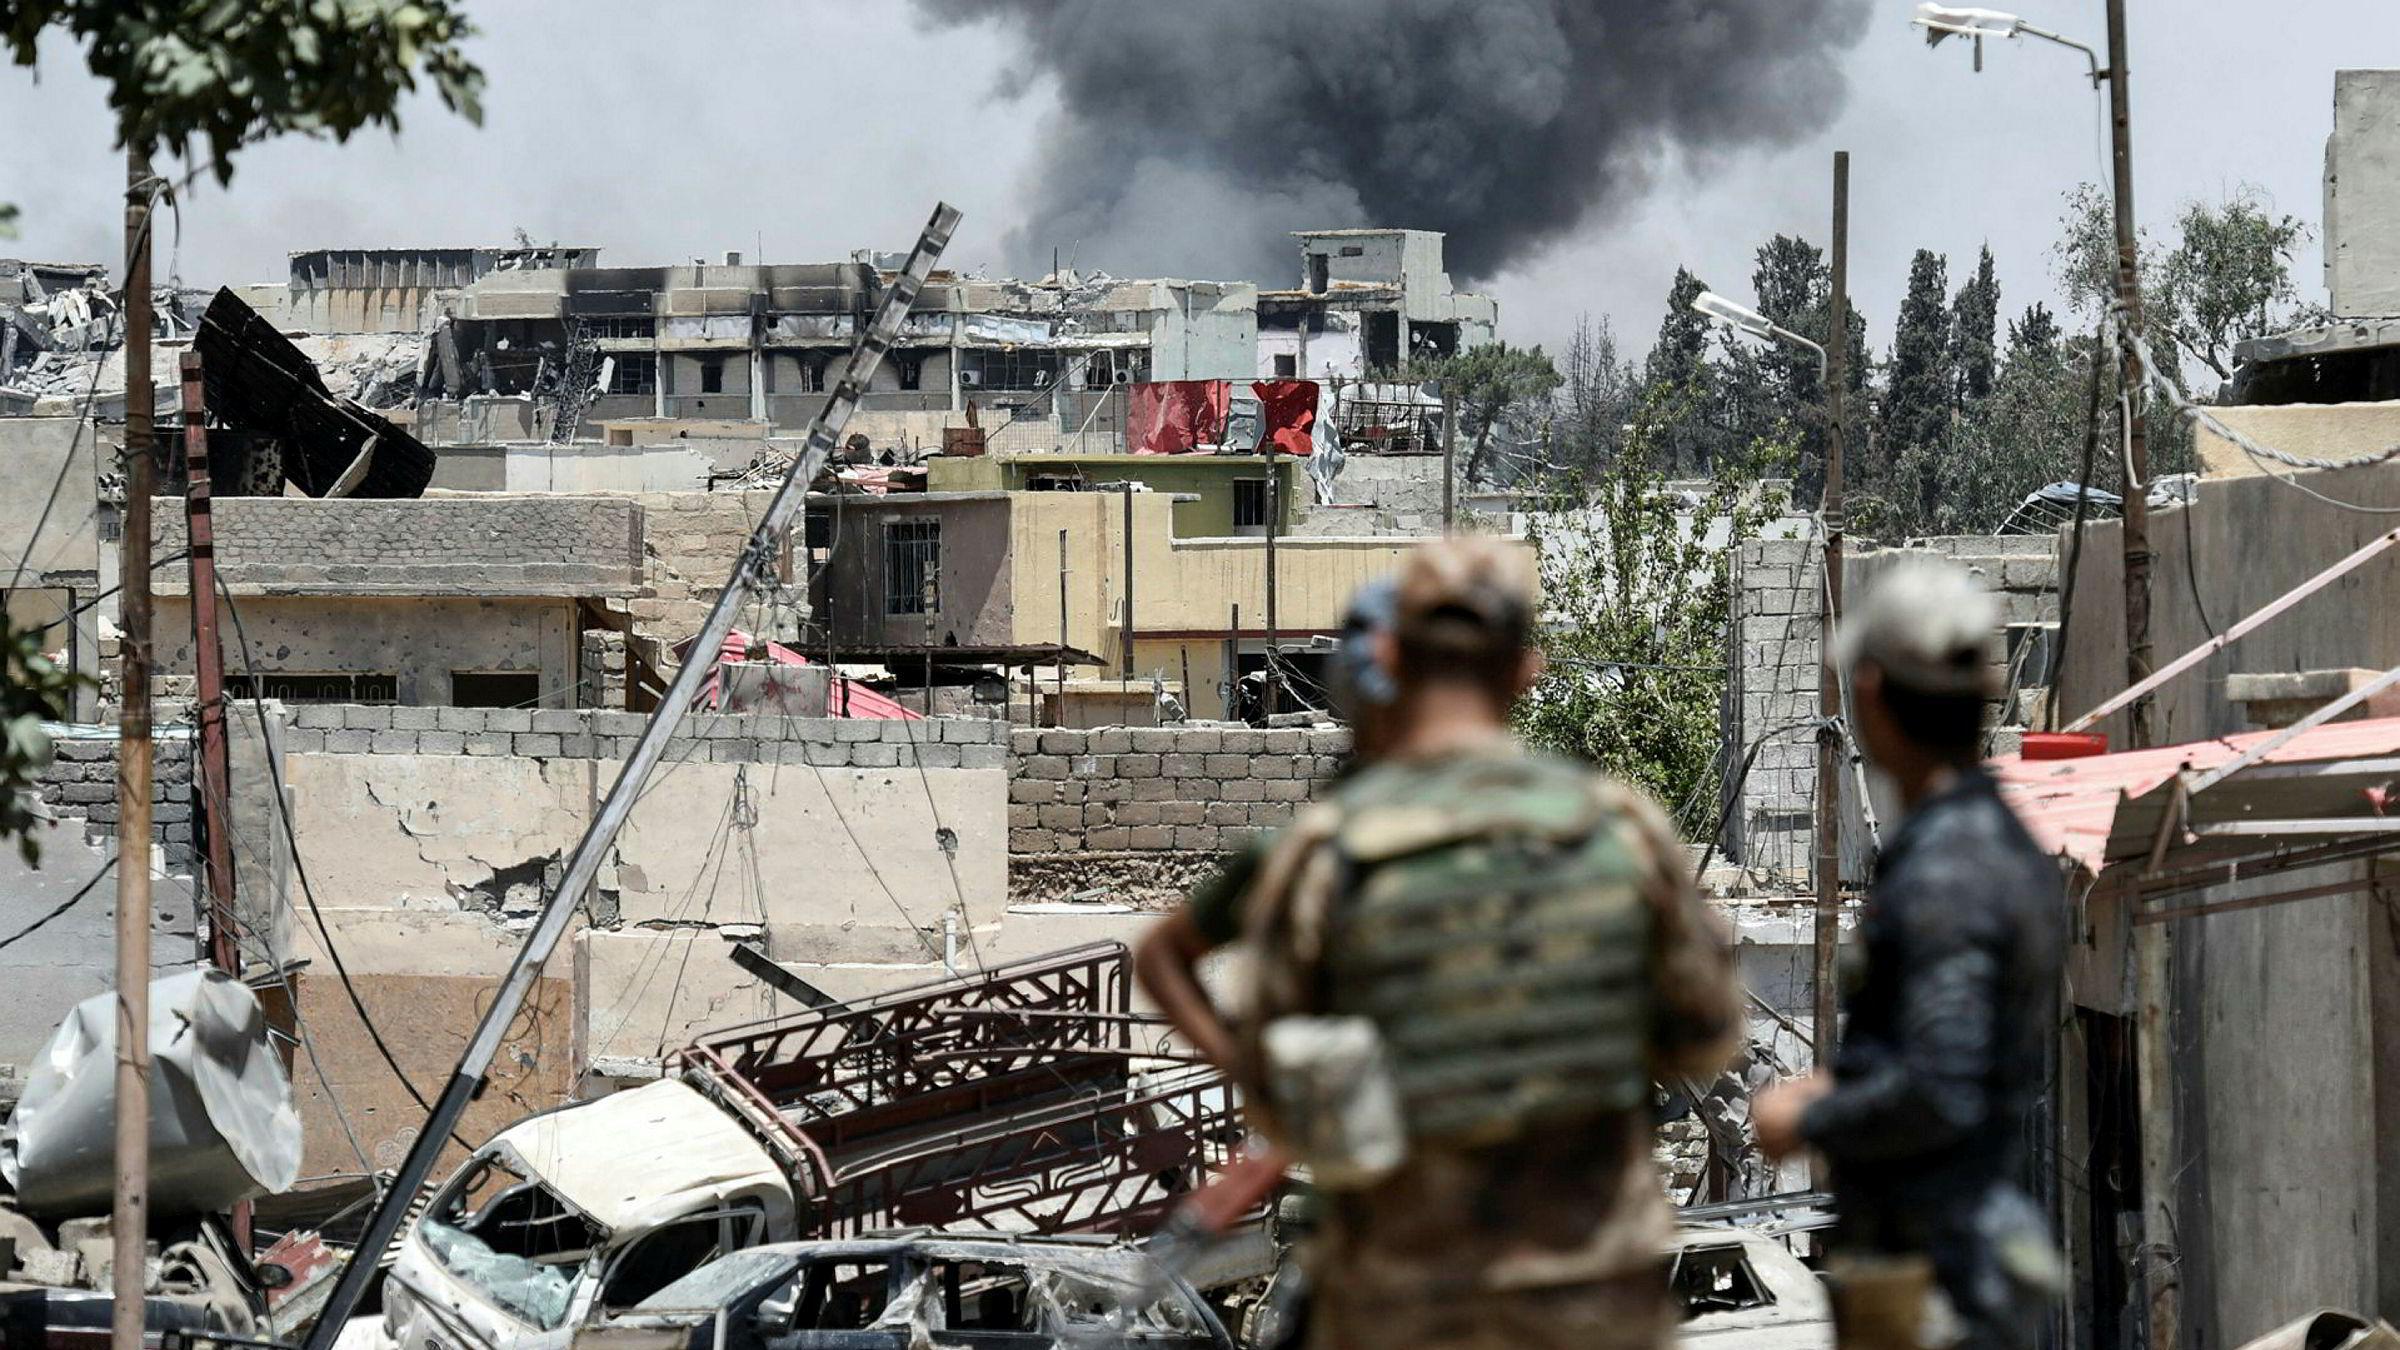 Røyk velter opp etter kamphandlinger i Mosuls vestlige Al-Shifa-distrikt 15. juni i år. Irakiske styrker kjemper for å gjennvinne kontrollen fra IS.